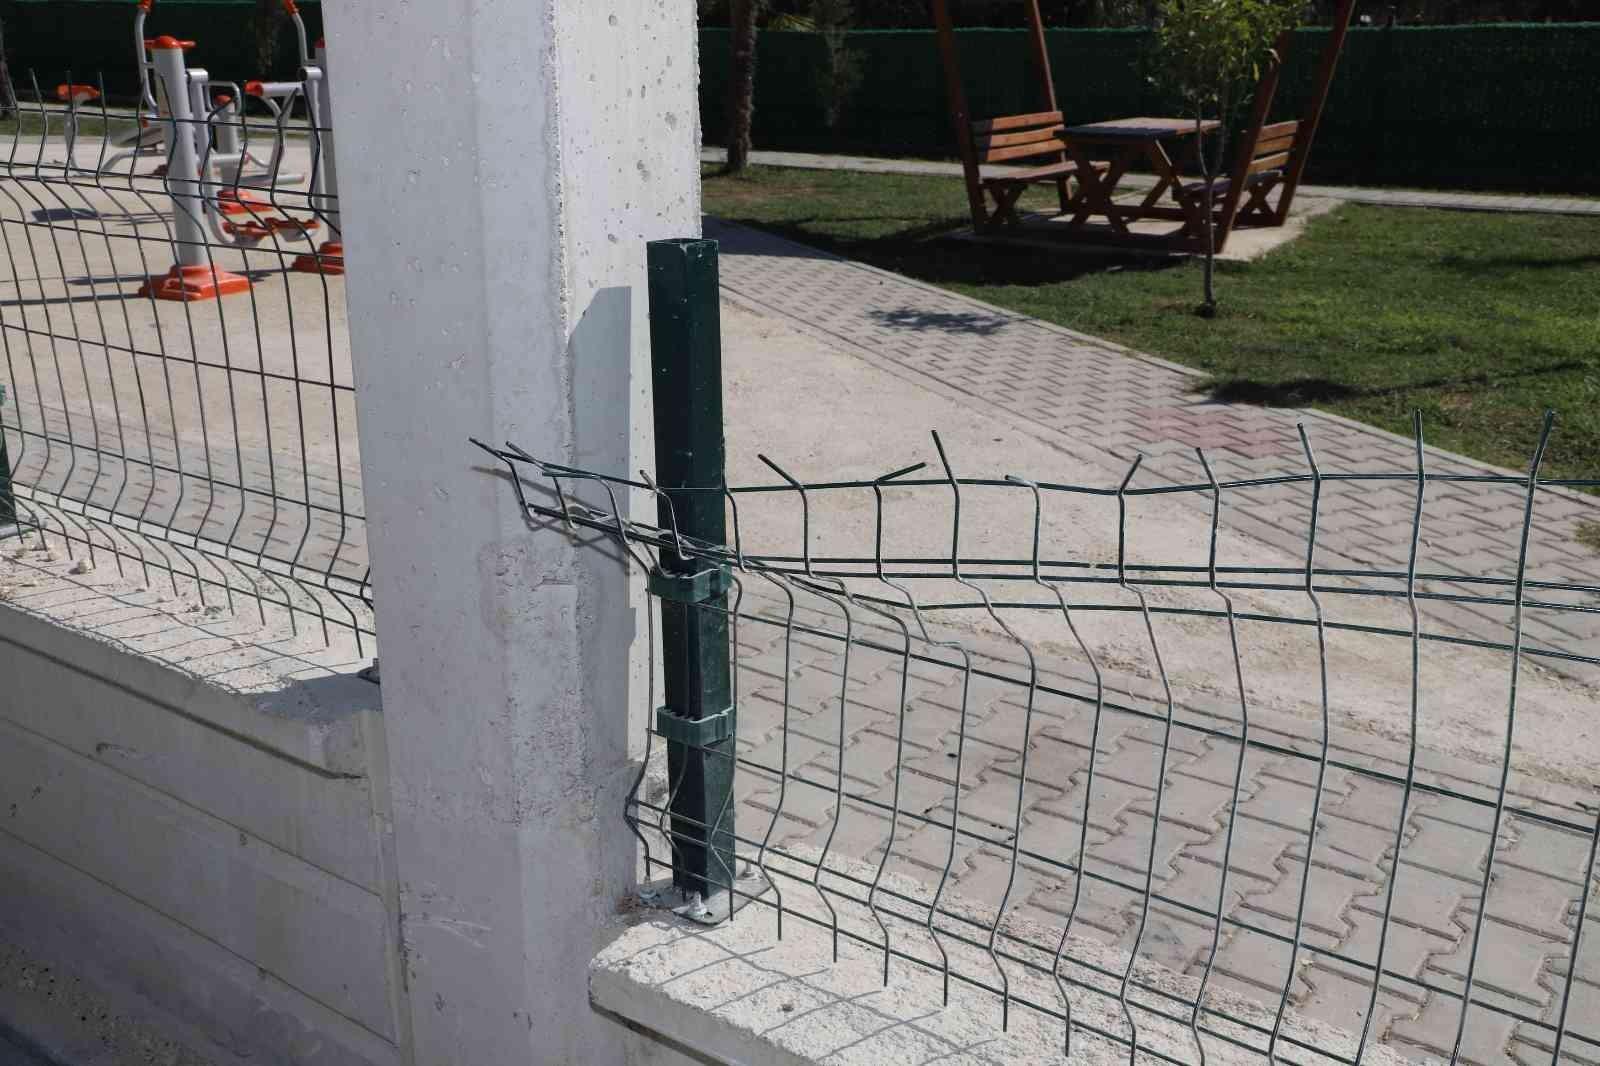 ozgurluk mahallesinde yapimi devam eden parktaki donatilar tahrip edildi 34a7f98